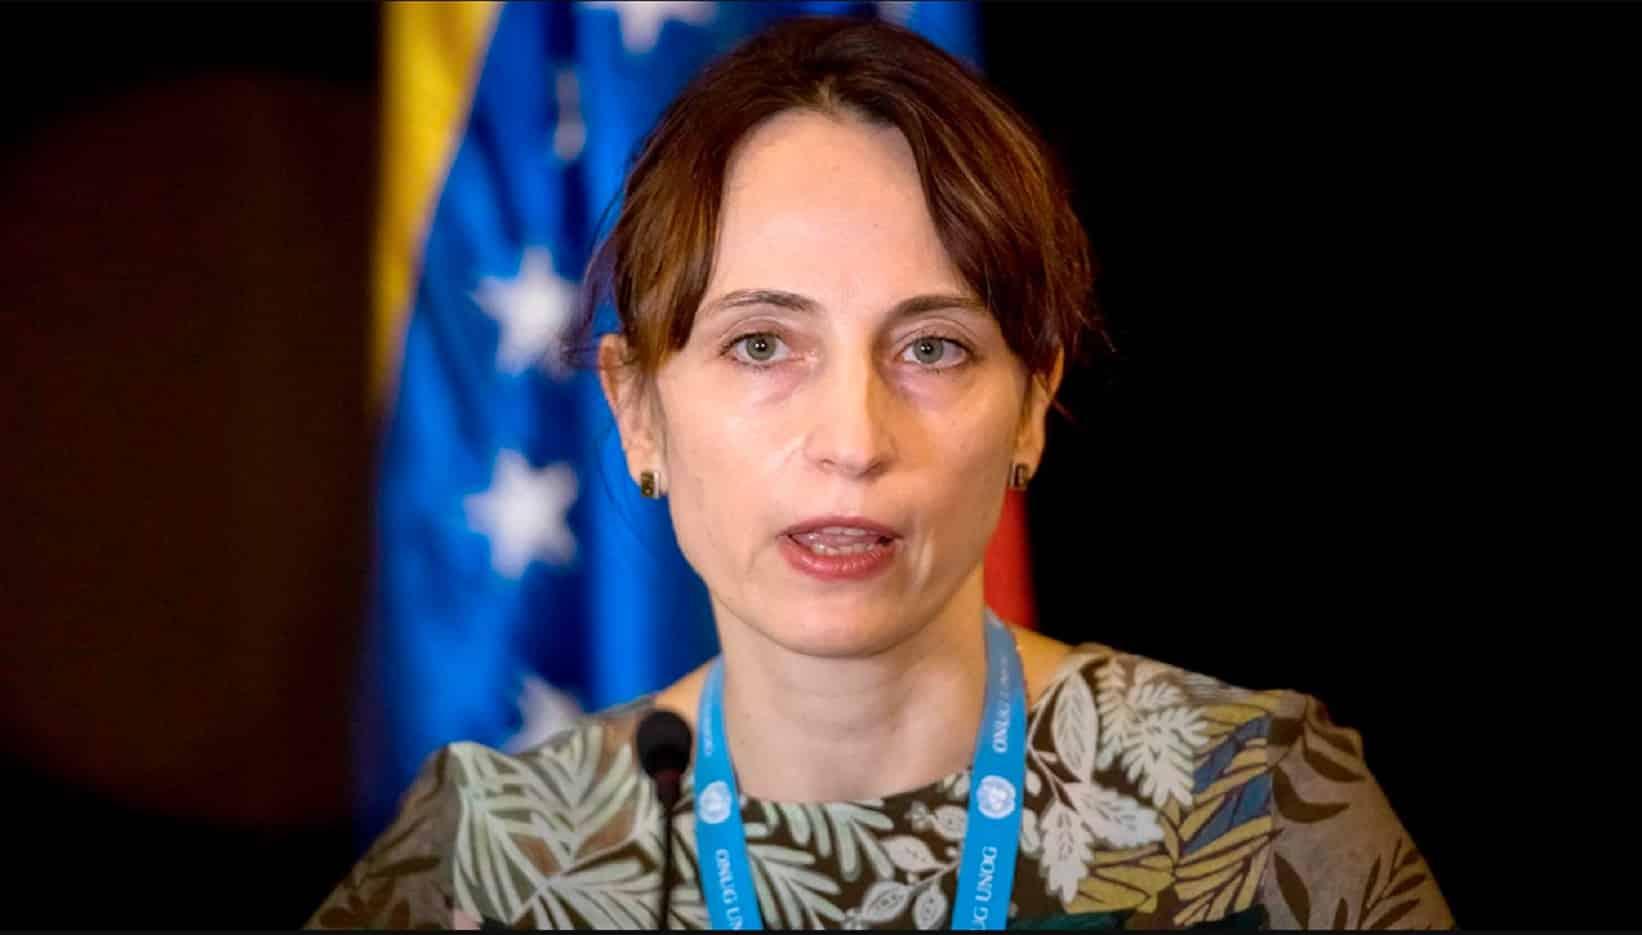 Relatora Especial Alena Douhan: las sanciones han exacerbado la crisis económica y social preexistente